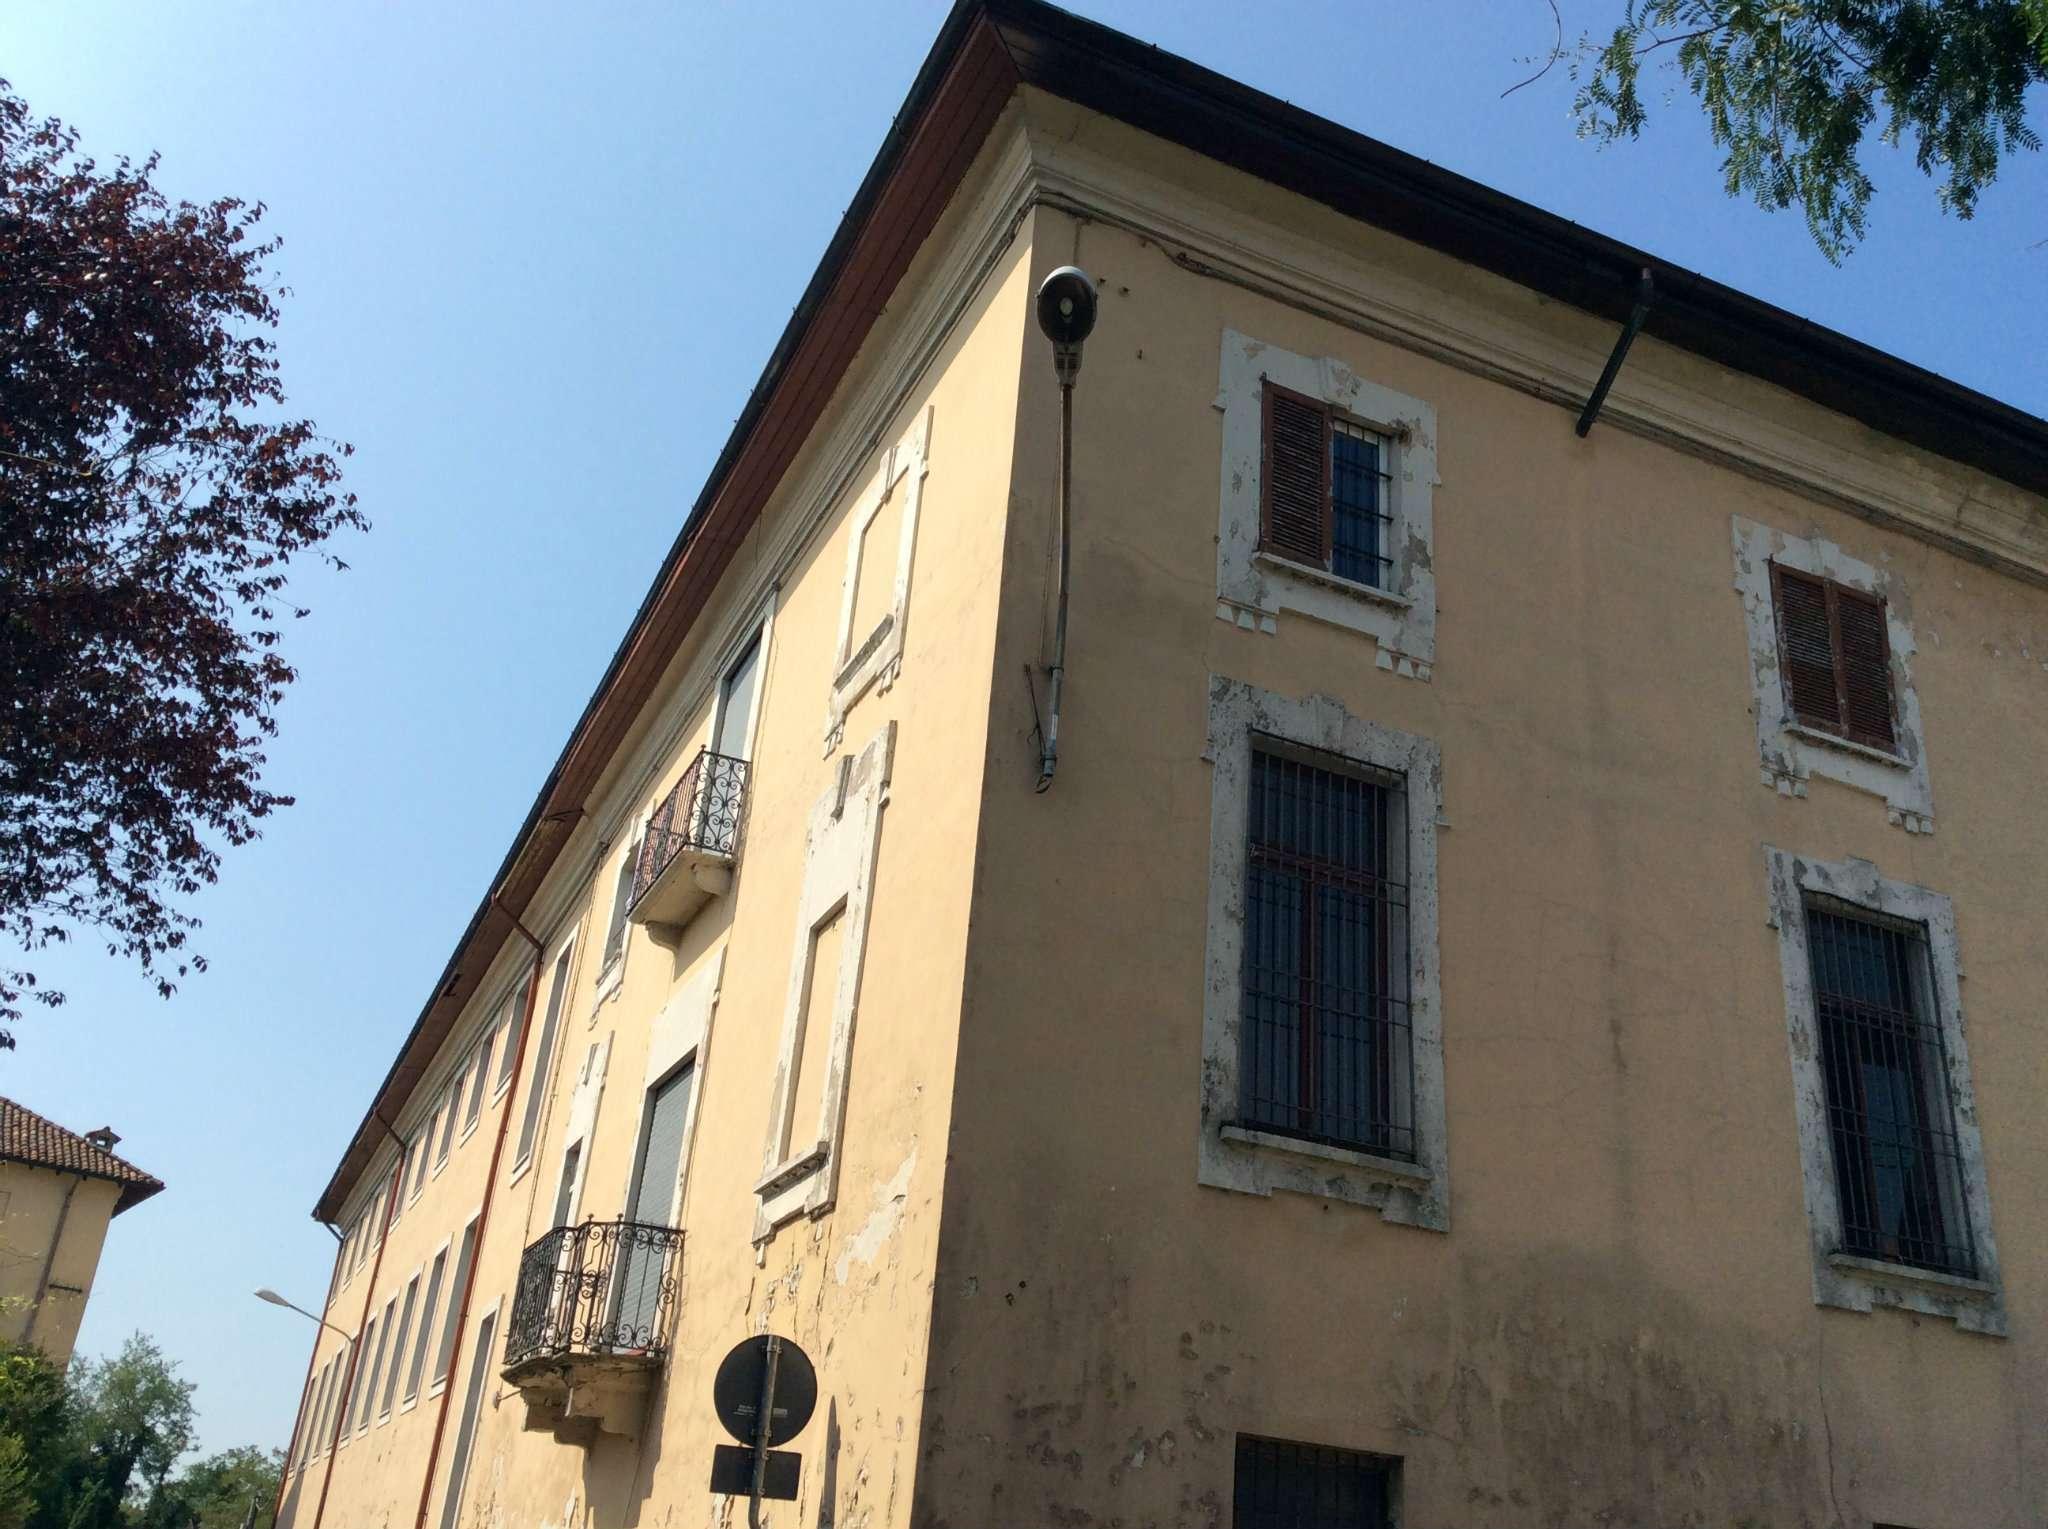 Palazzo / Stabile in vendita a Cuggiono, 10 locali, Trattative riservate   CambioCasa.it